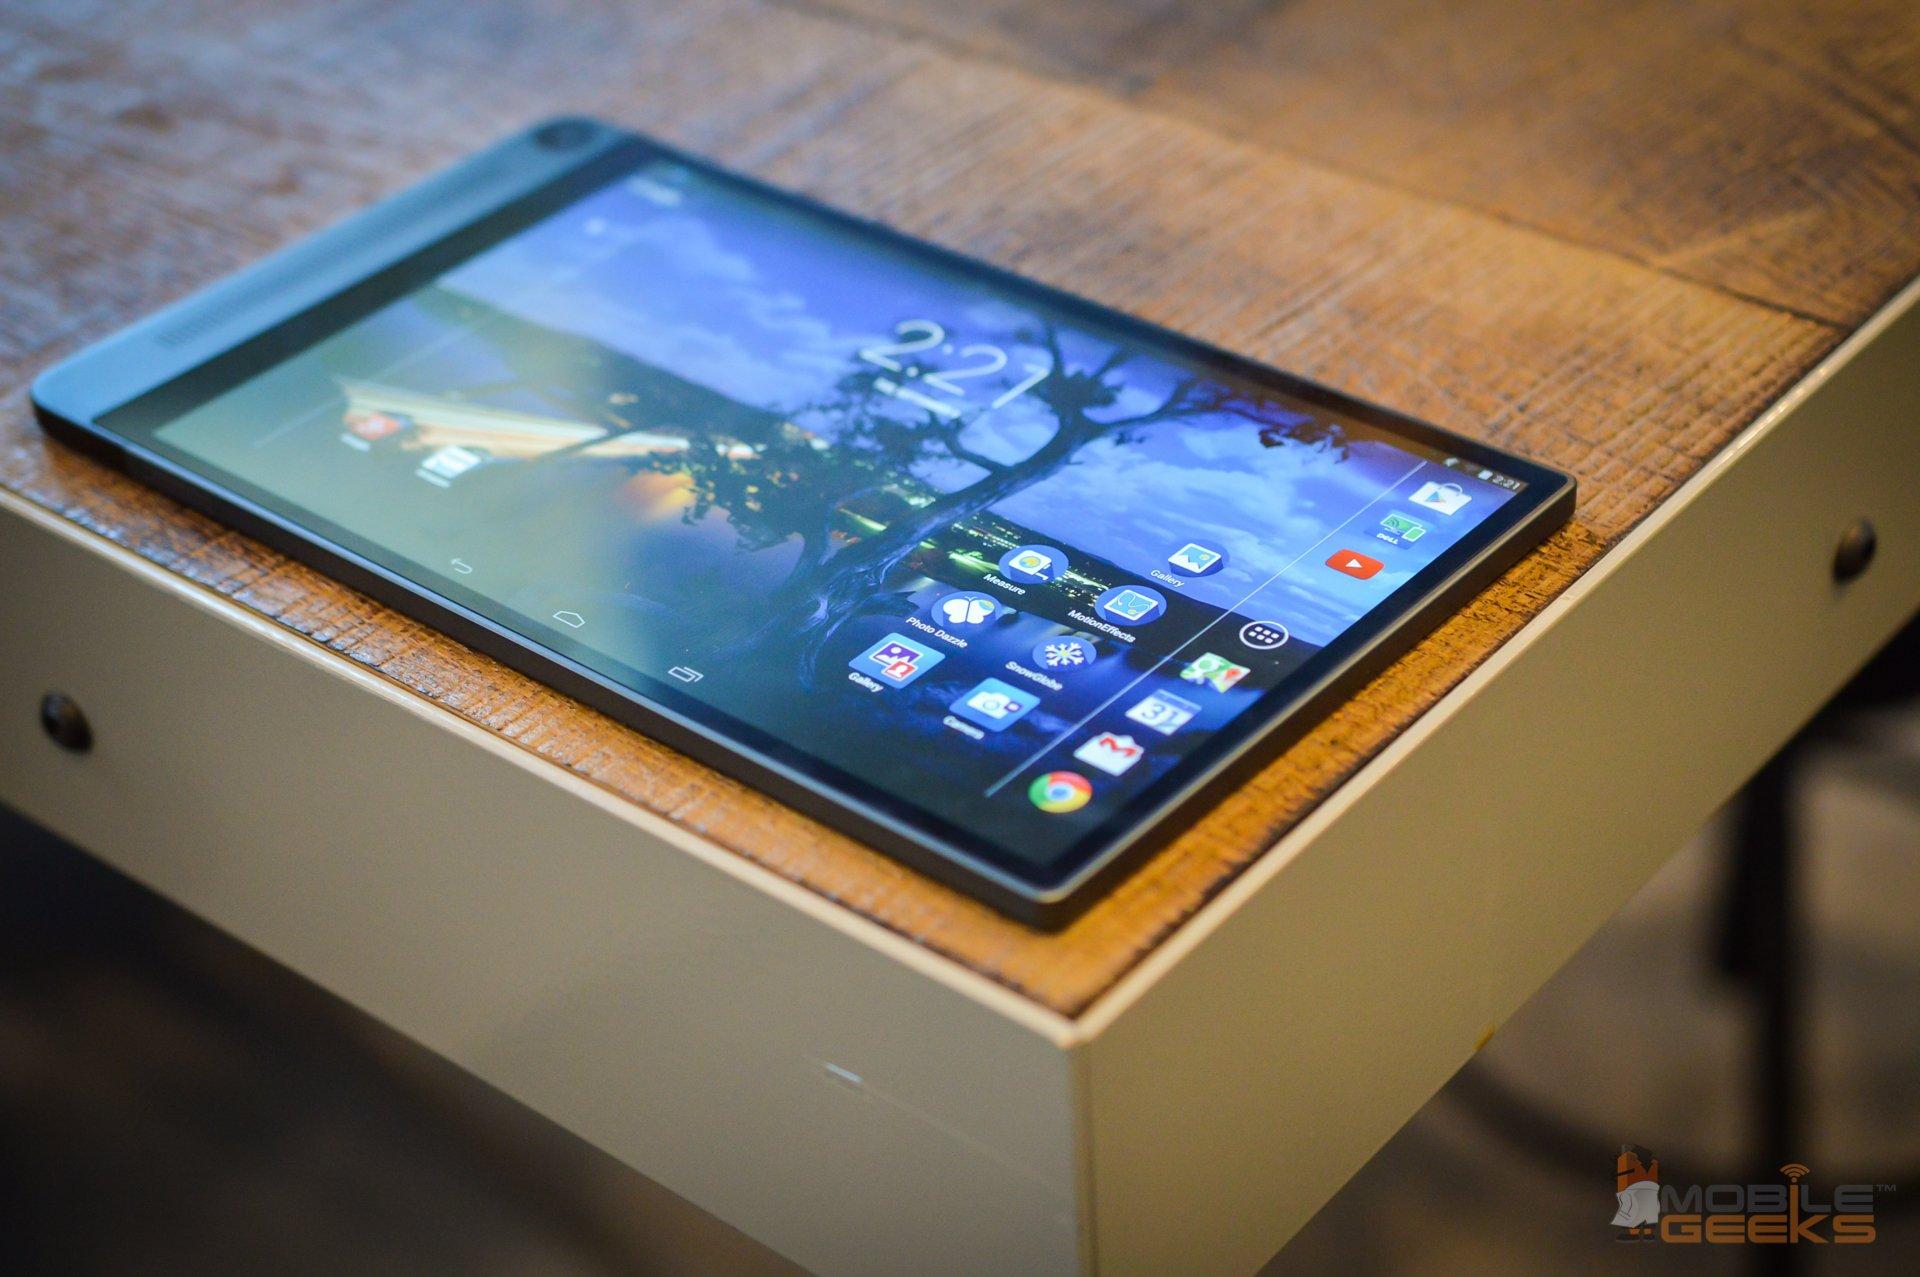 Dell Venue 8 7000 | © Mobilegeeks.de